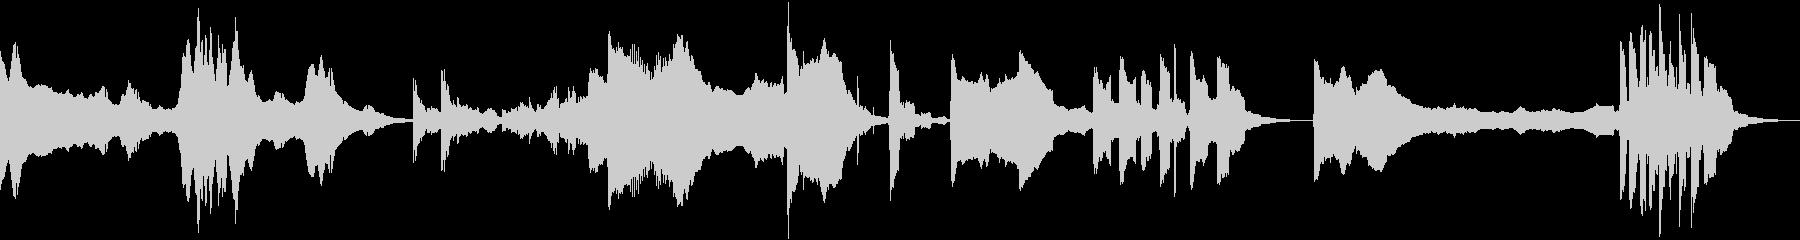 低変調音調バースト、複数バージョン...の未再生の波形